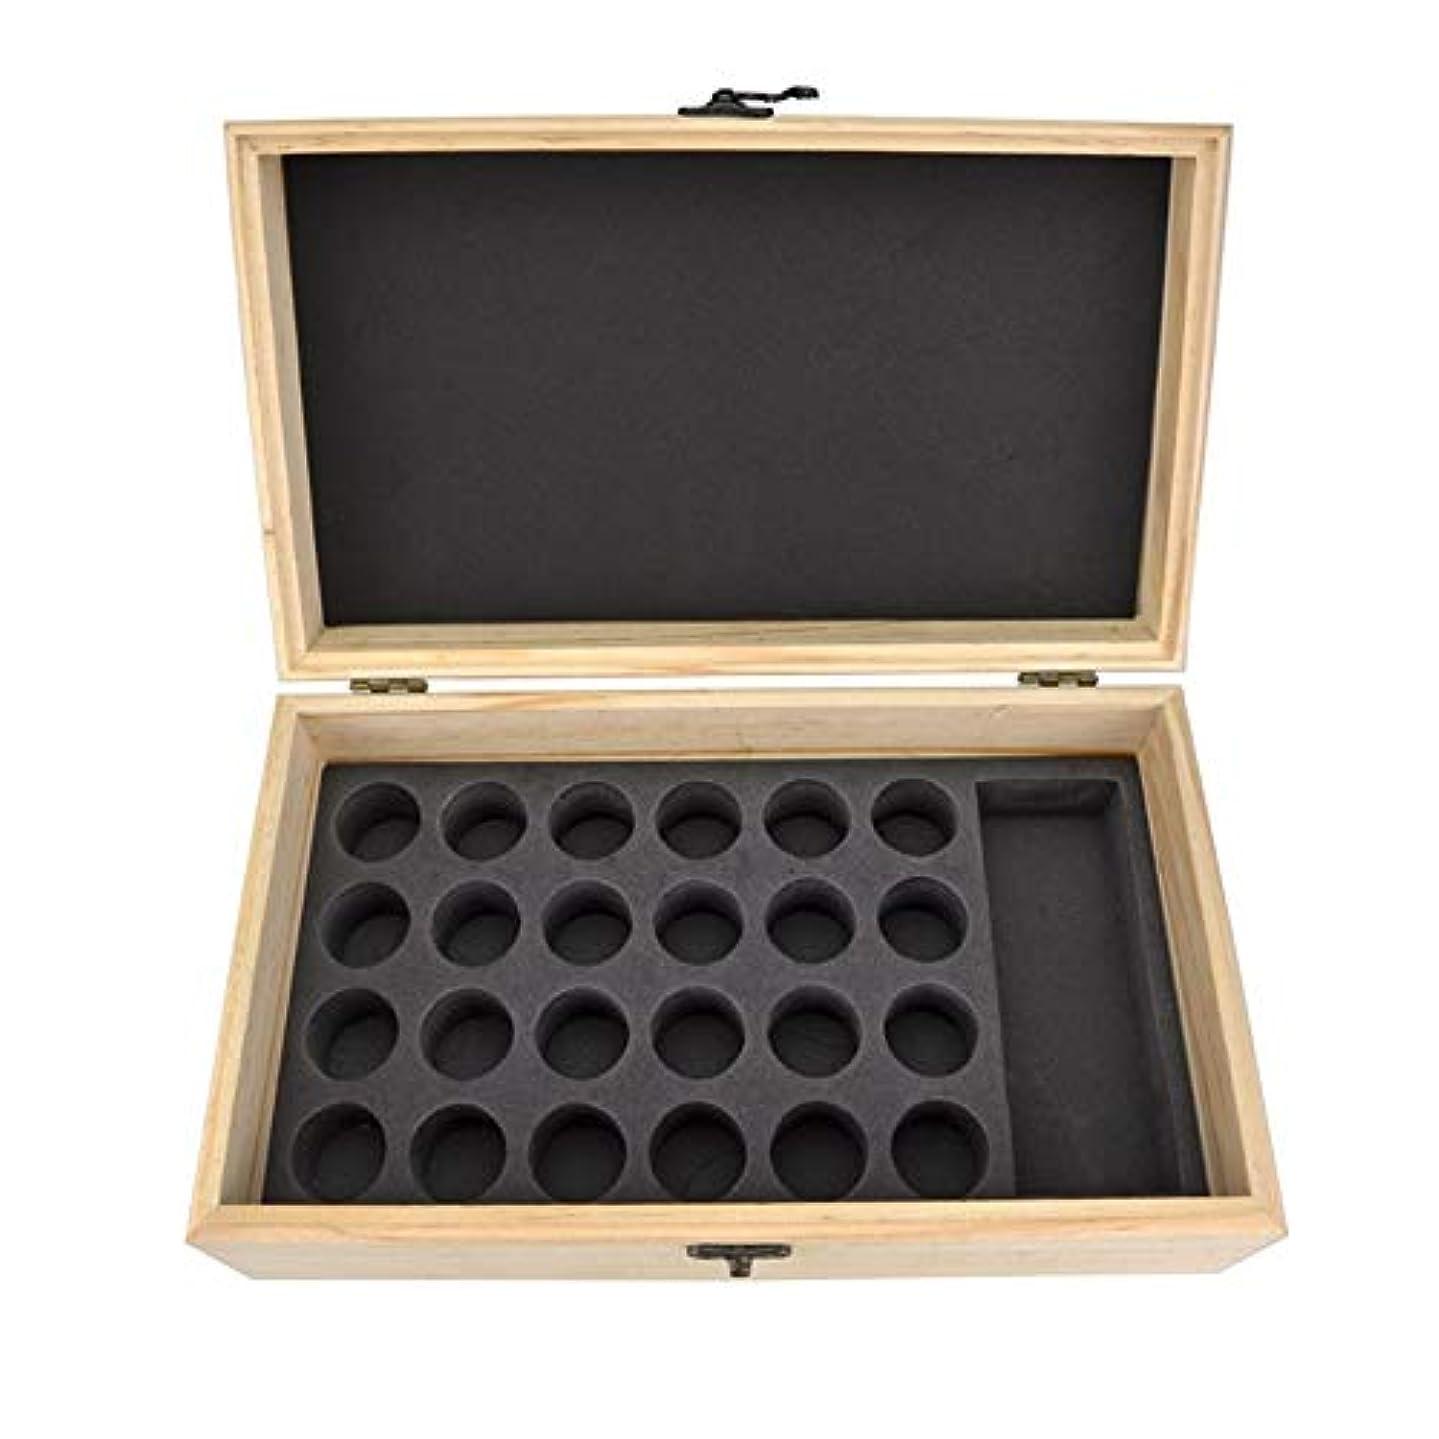 礼儀勤勉割り込みエッセンシャルオイル収納ボックス 25スロット木製エッセンシャルオイル木製ボックスオイルの収納ケースは、25本のボトルナチュラルパインを開催します (色 : Natural, サイズ : 28.8X16.7X10CM)